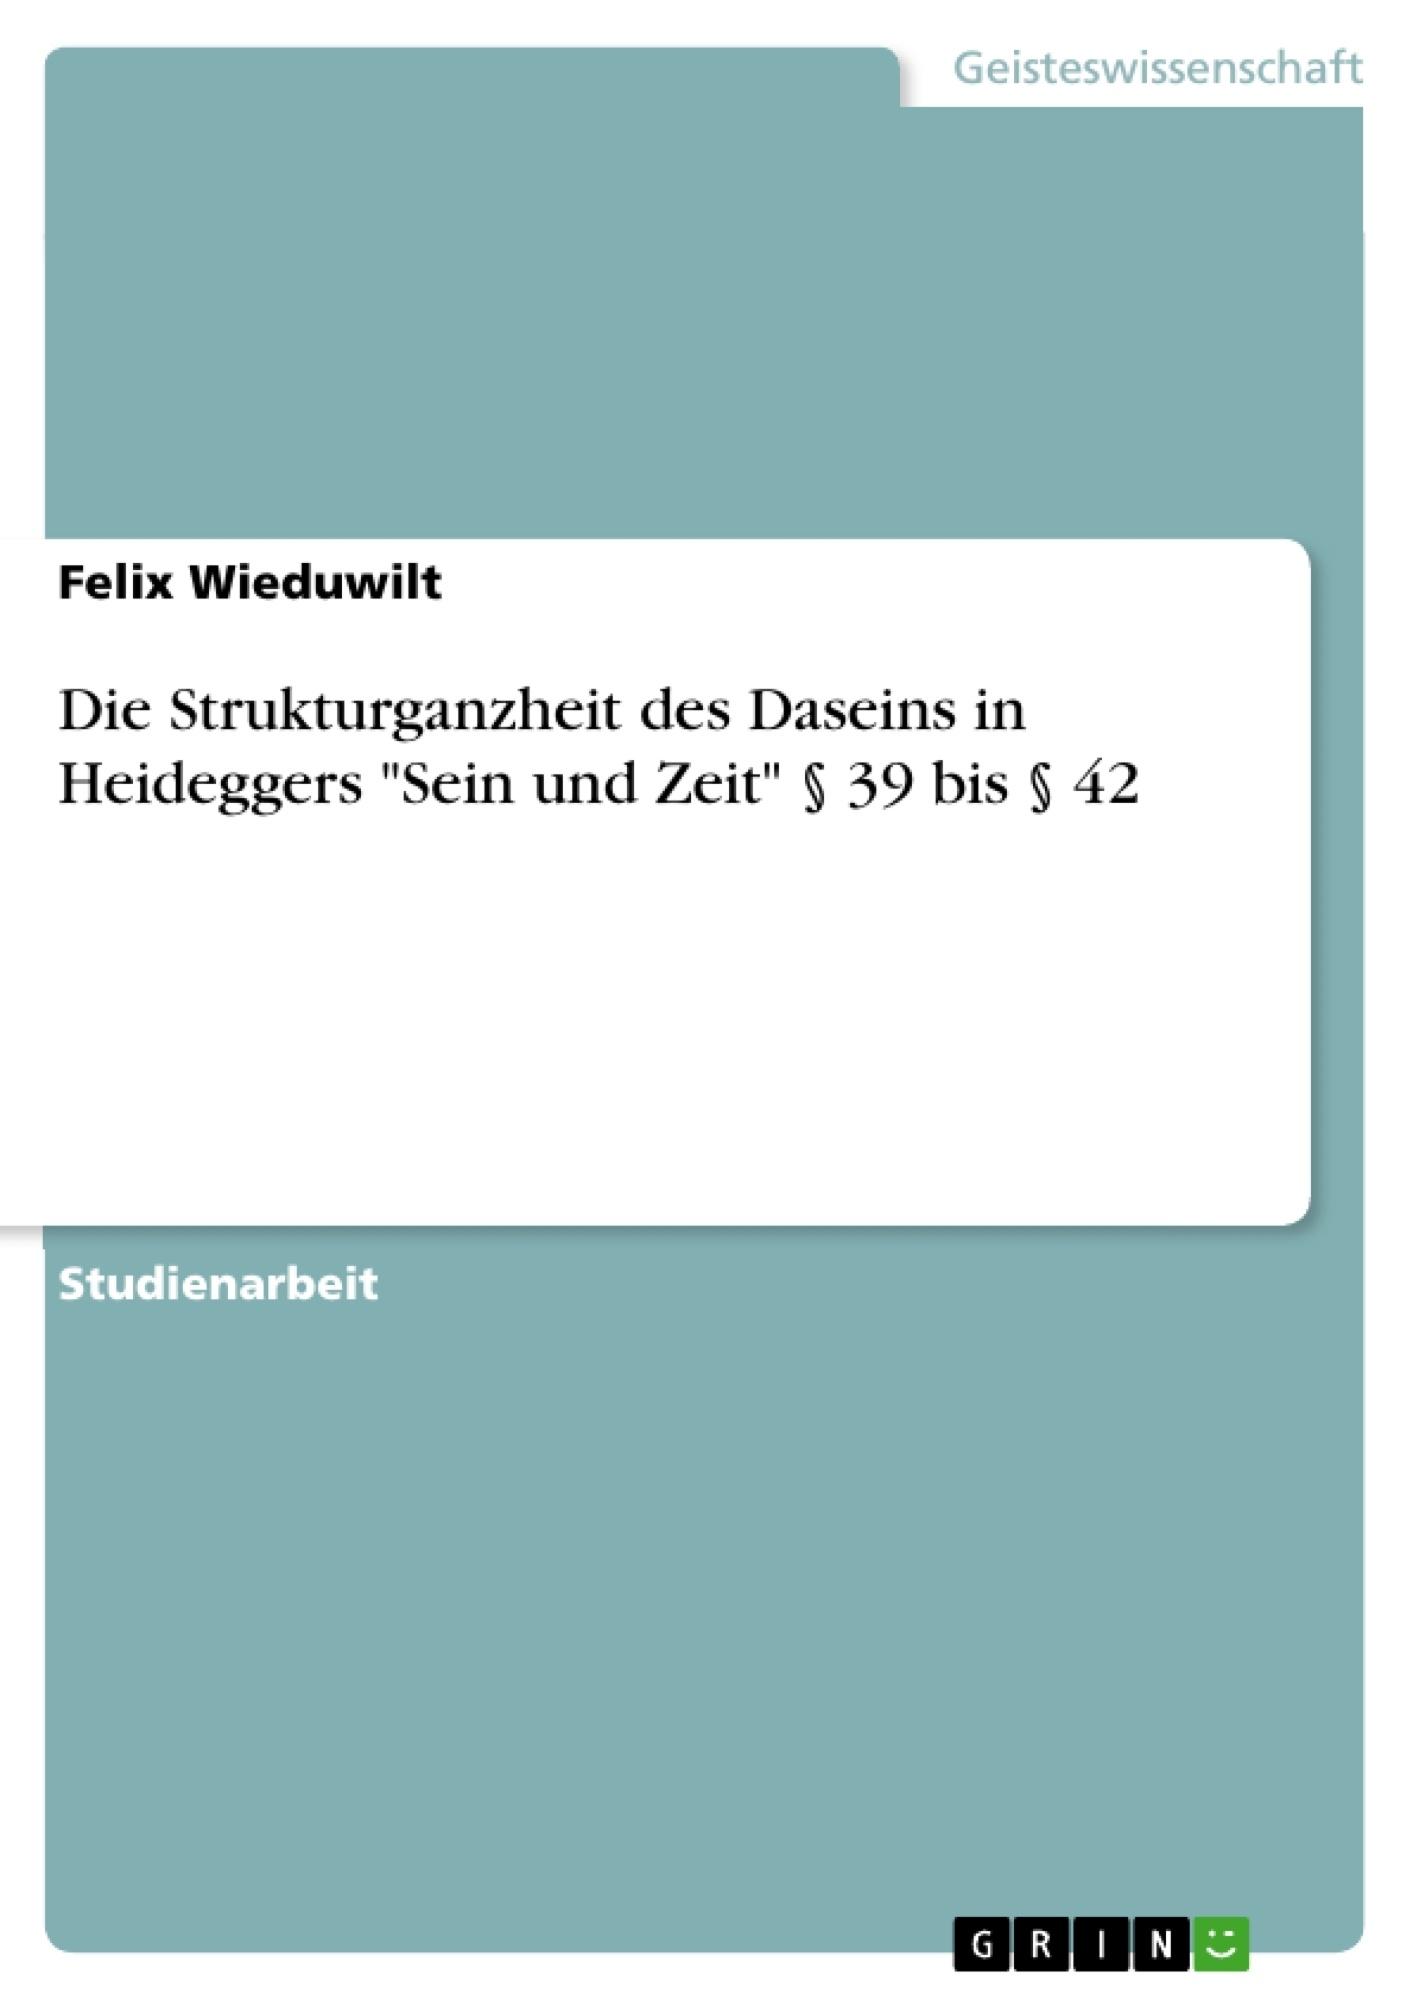 """Titel: Die Strukturganzheit des Daseins in Heideggers """"Sein und Zeit"""" § 39 bis § 42"""